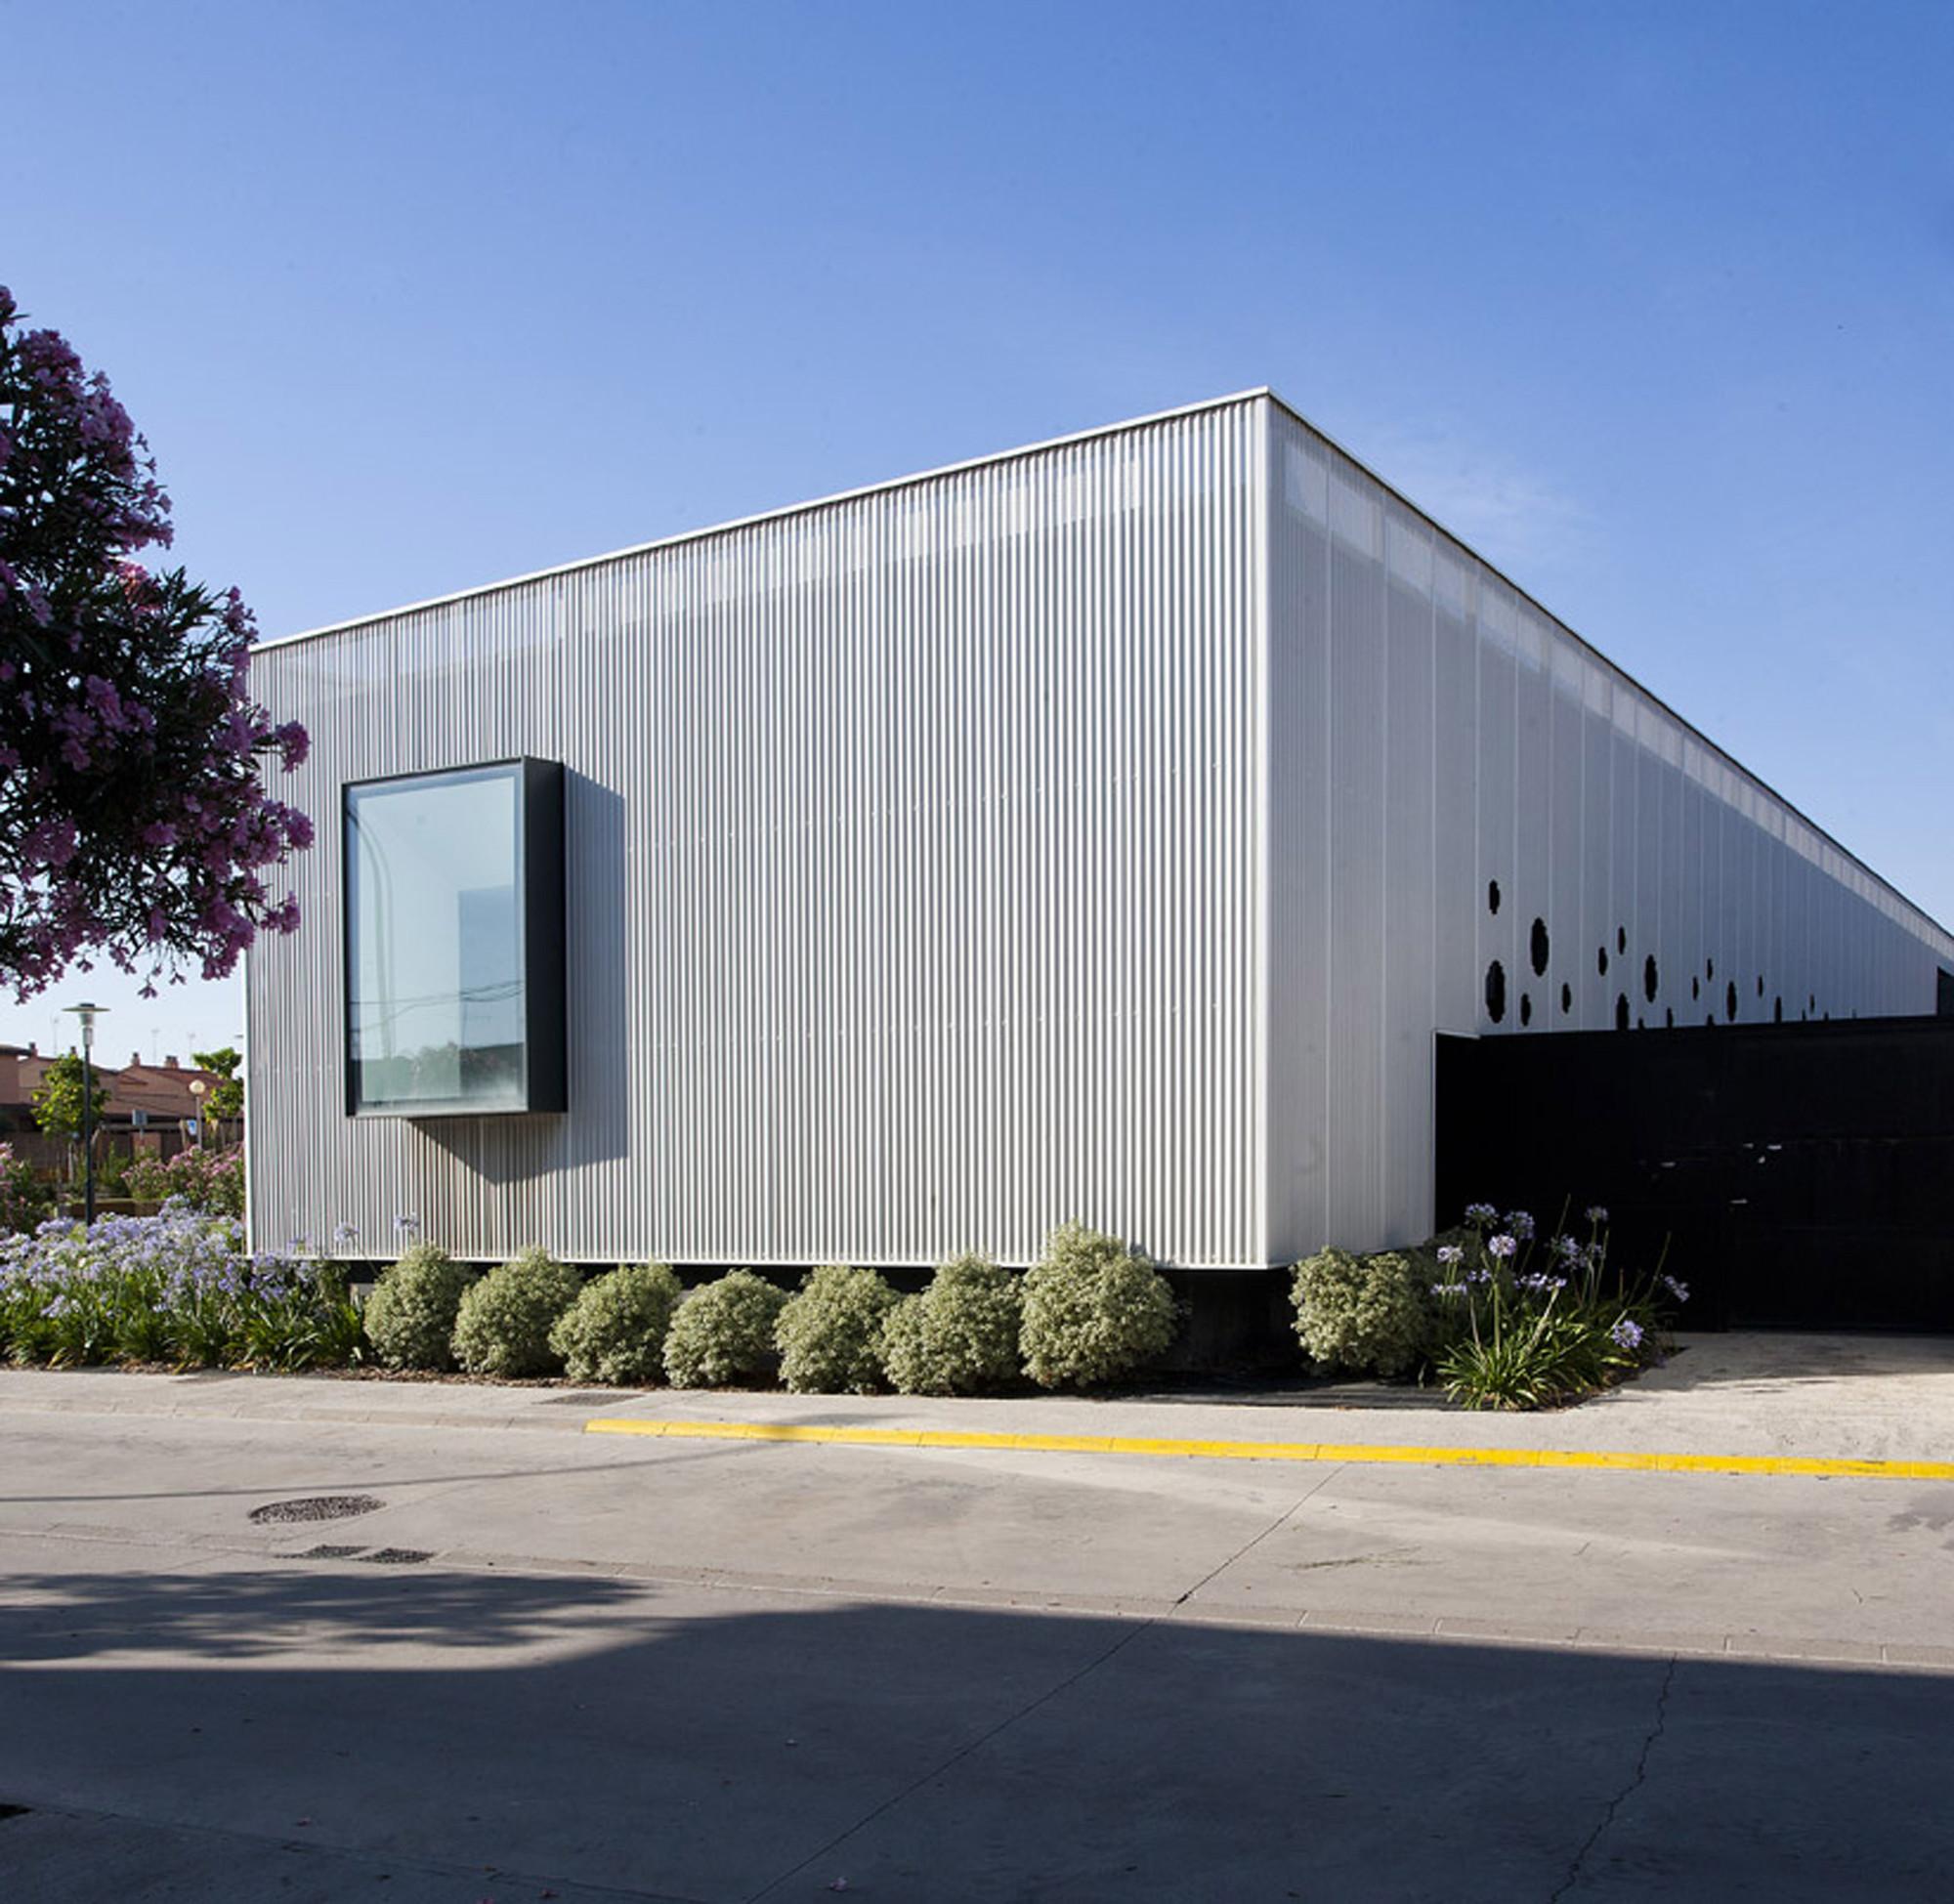 Medical Centre Cortes / Iñigo Esparza Arquitecto, © Berta Buzunariz